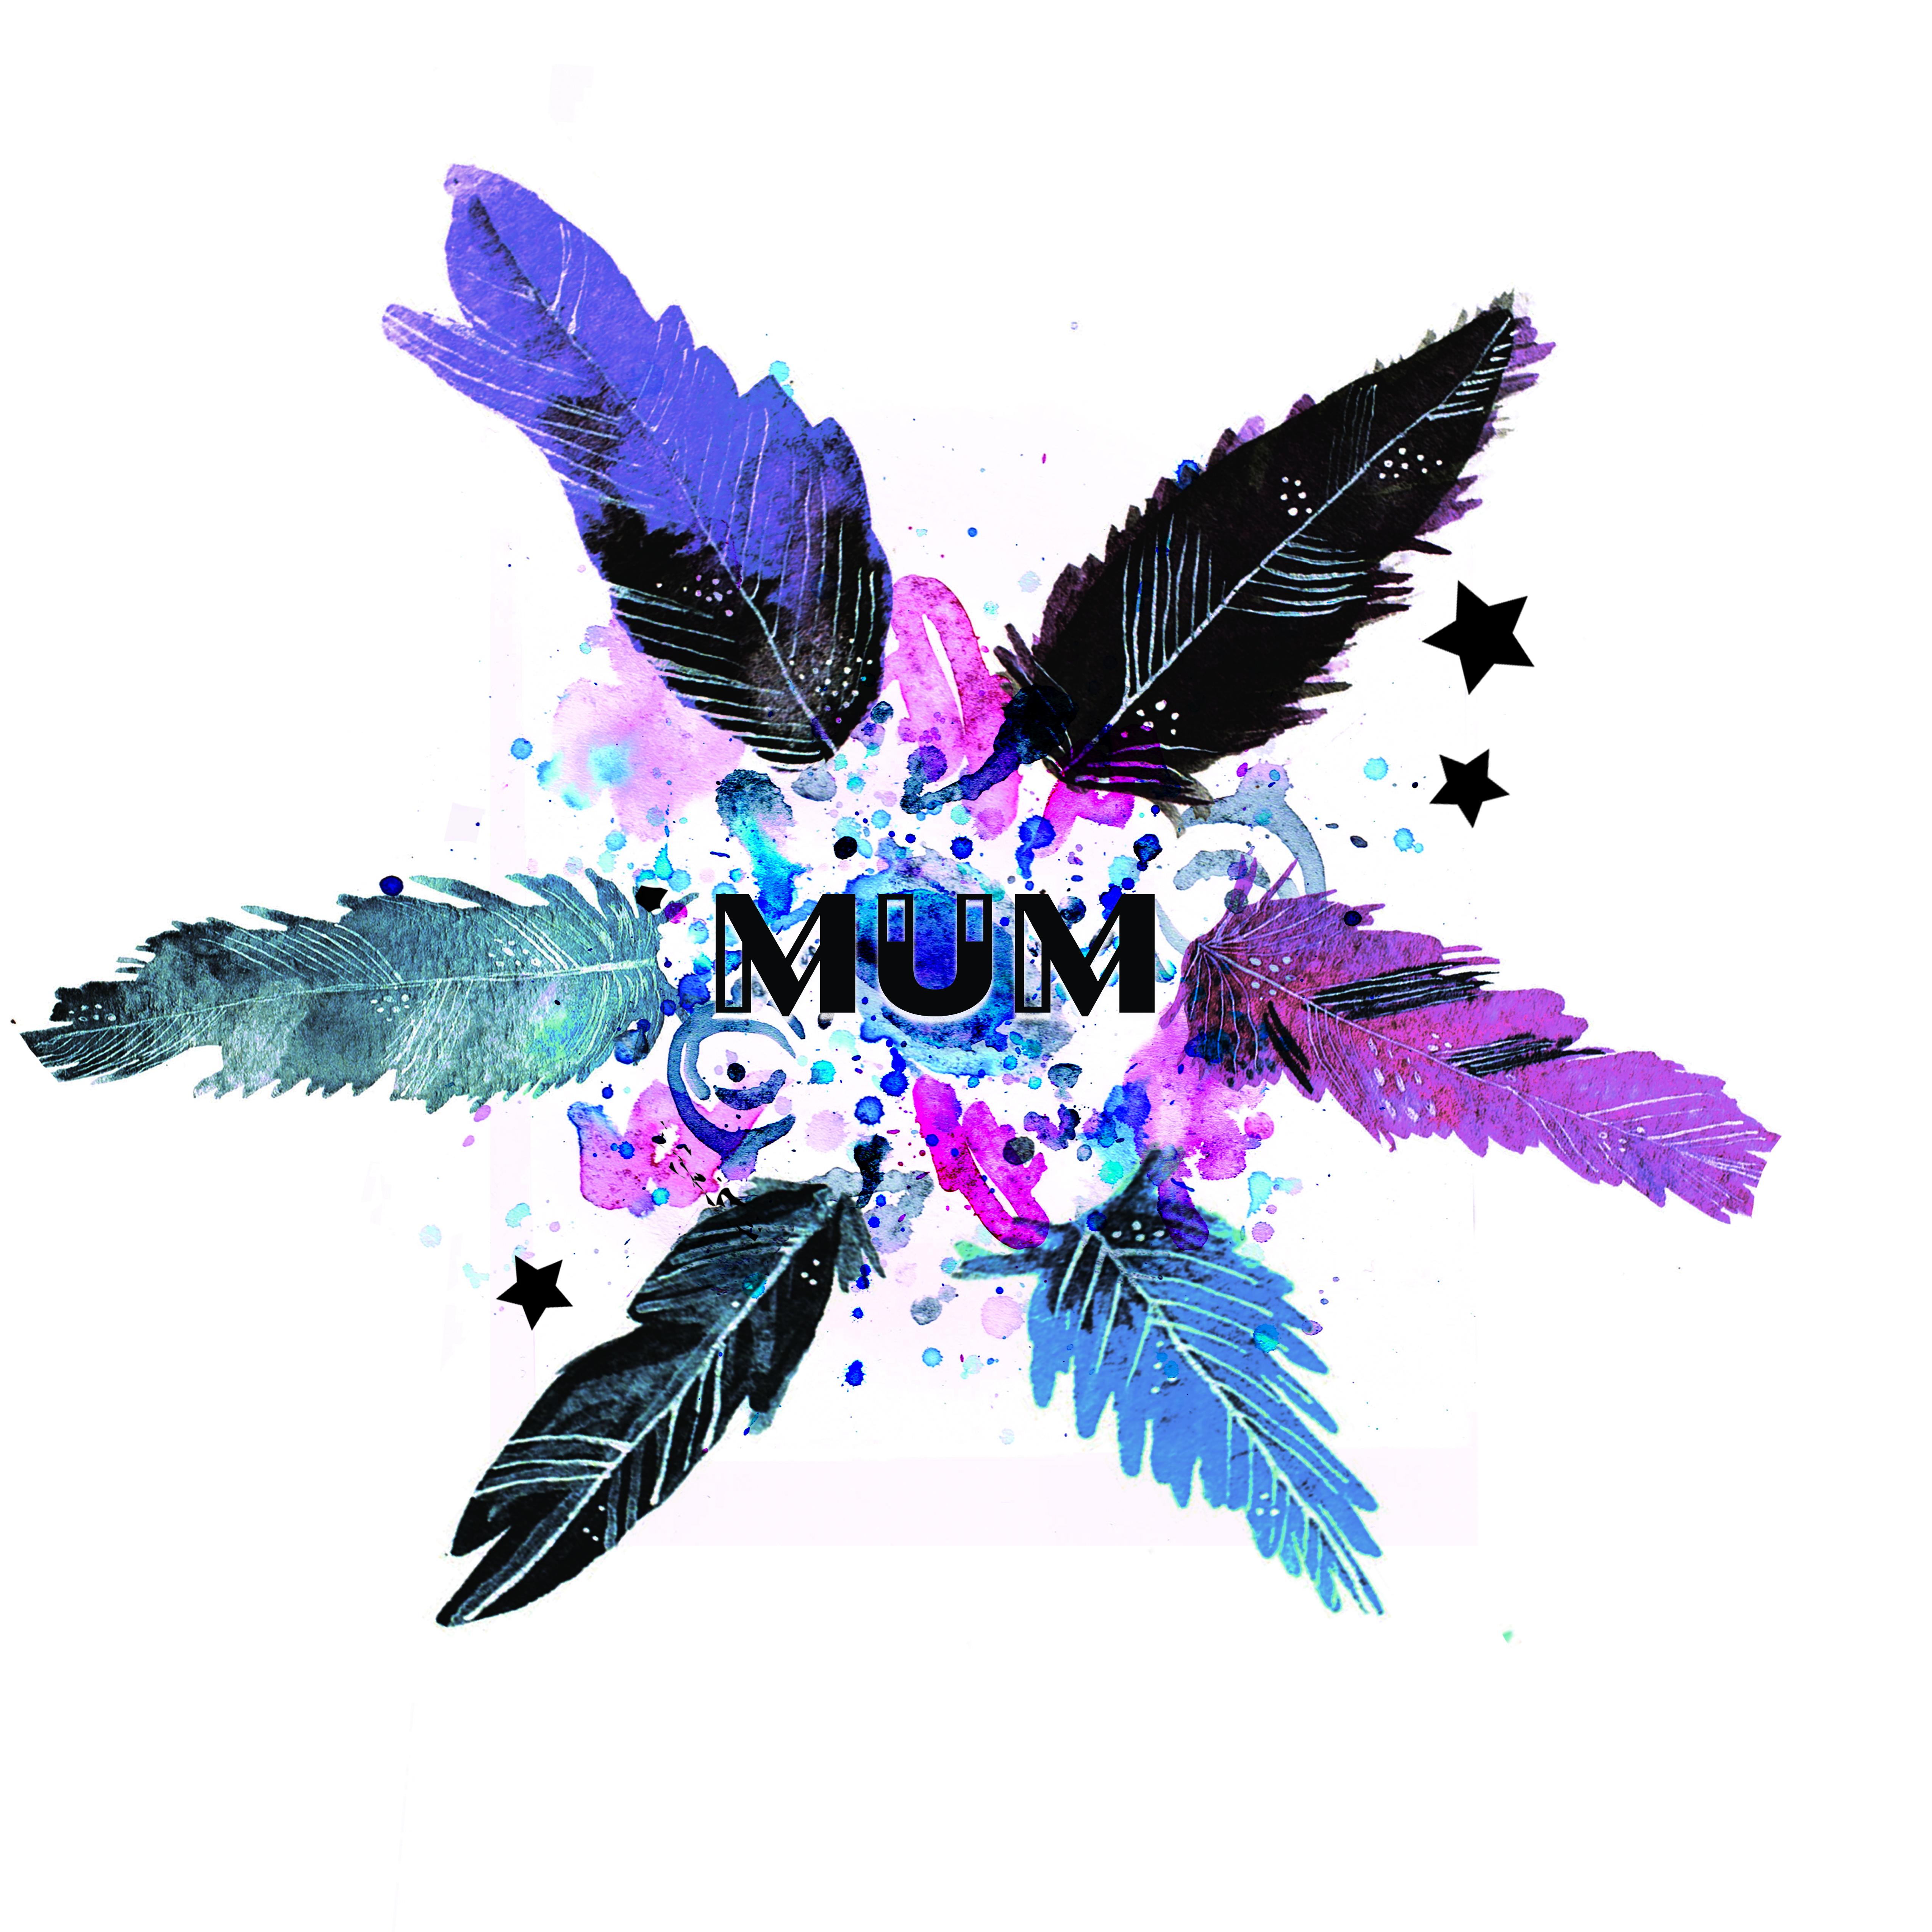 FinalTattoo_Mum_tattoo1